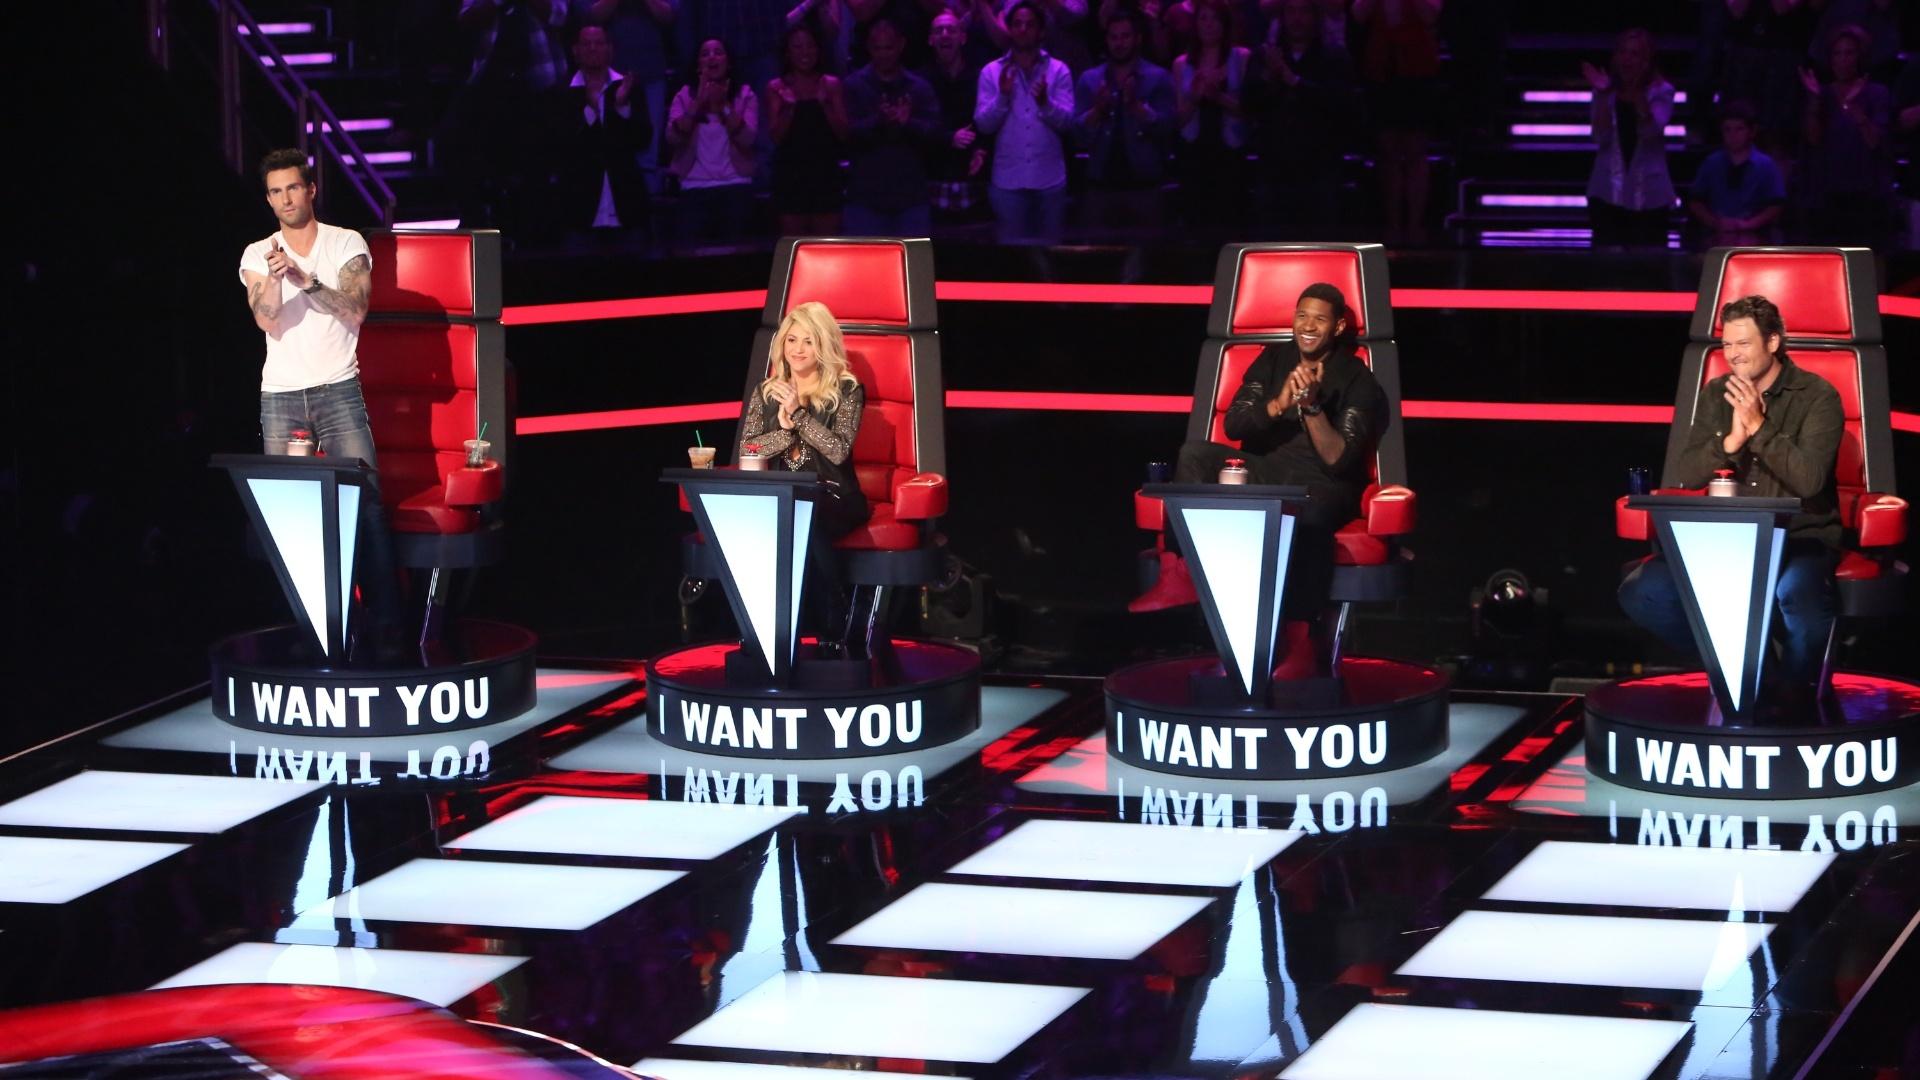 2012- Adam Levine, Shakira, Usher e Blake Shelton no palco do